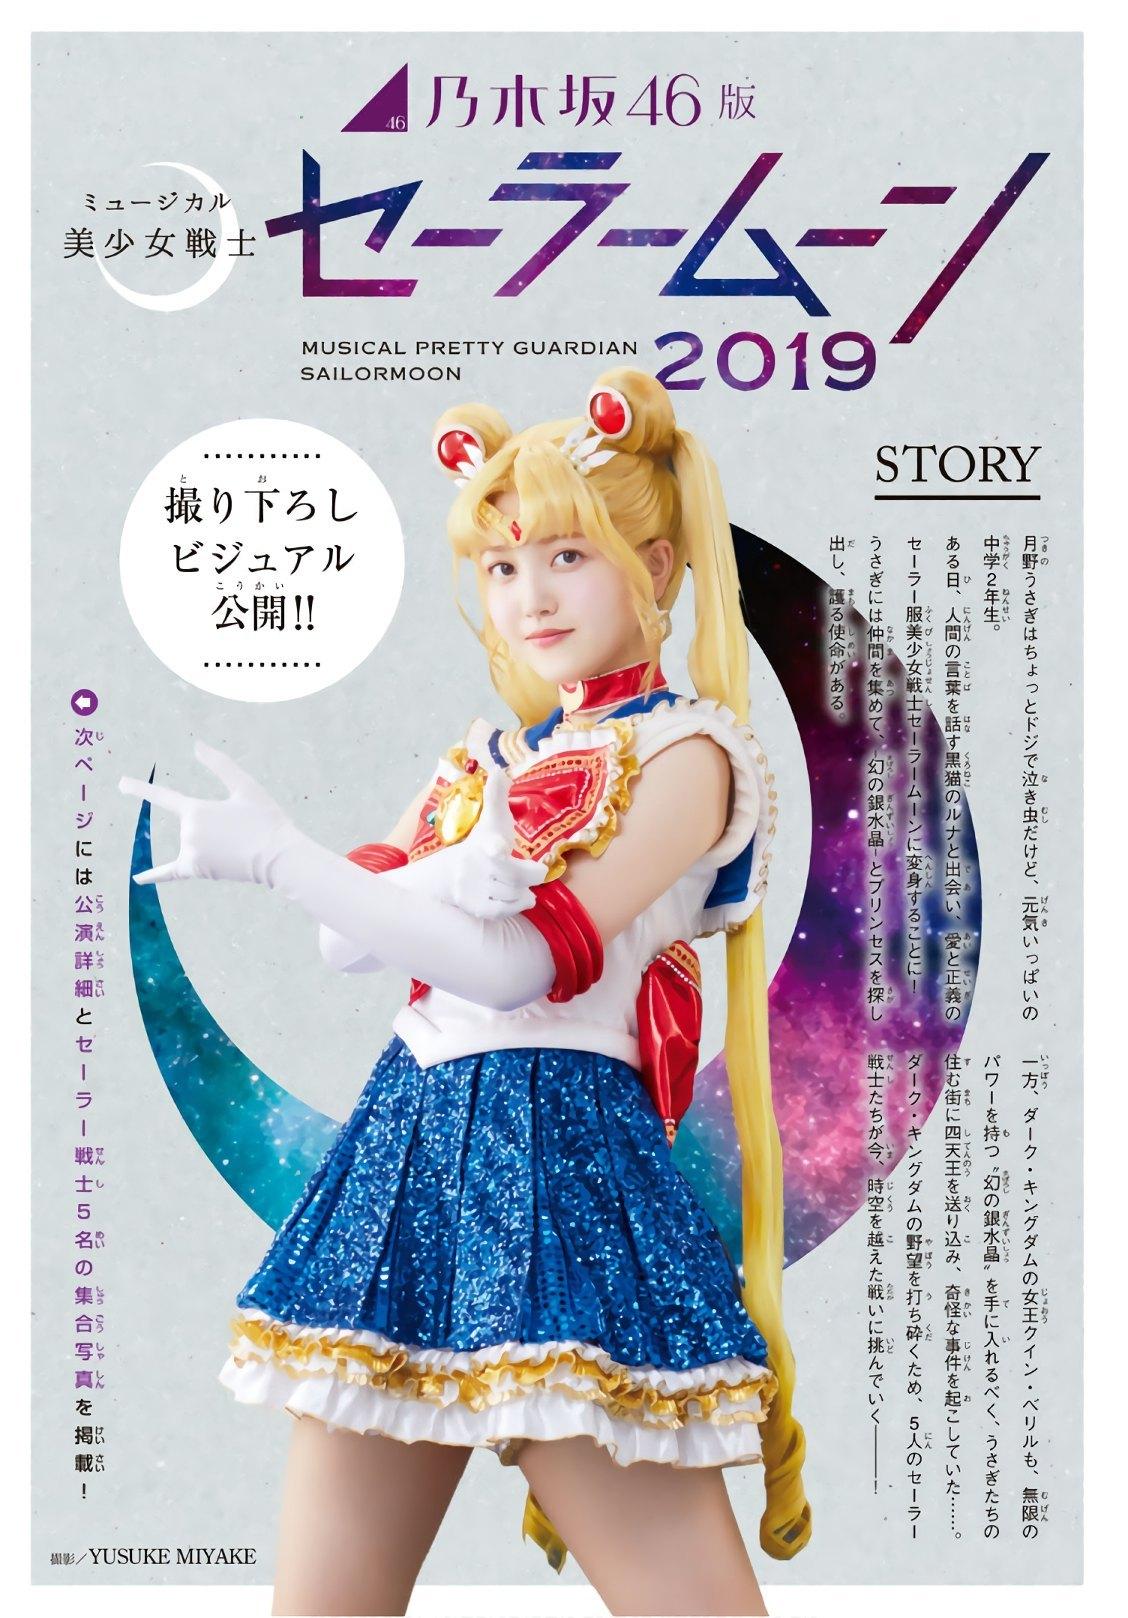 乃木坂46版ミュージカル「美少女戦士セーラームーン」新